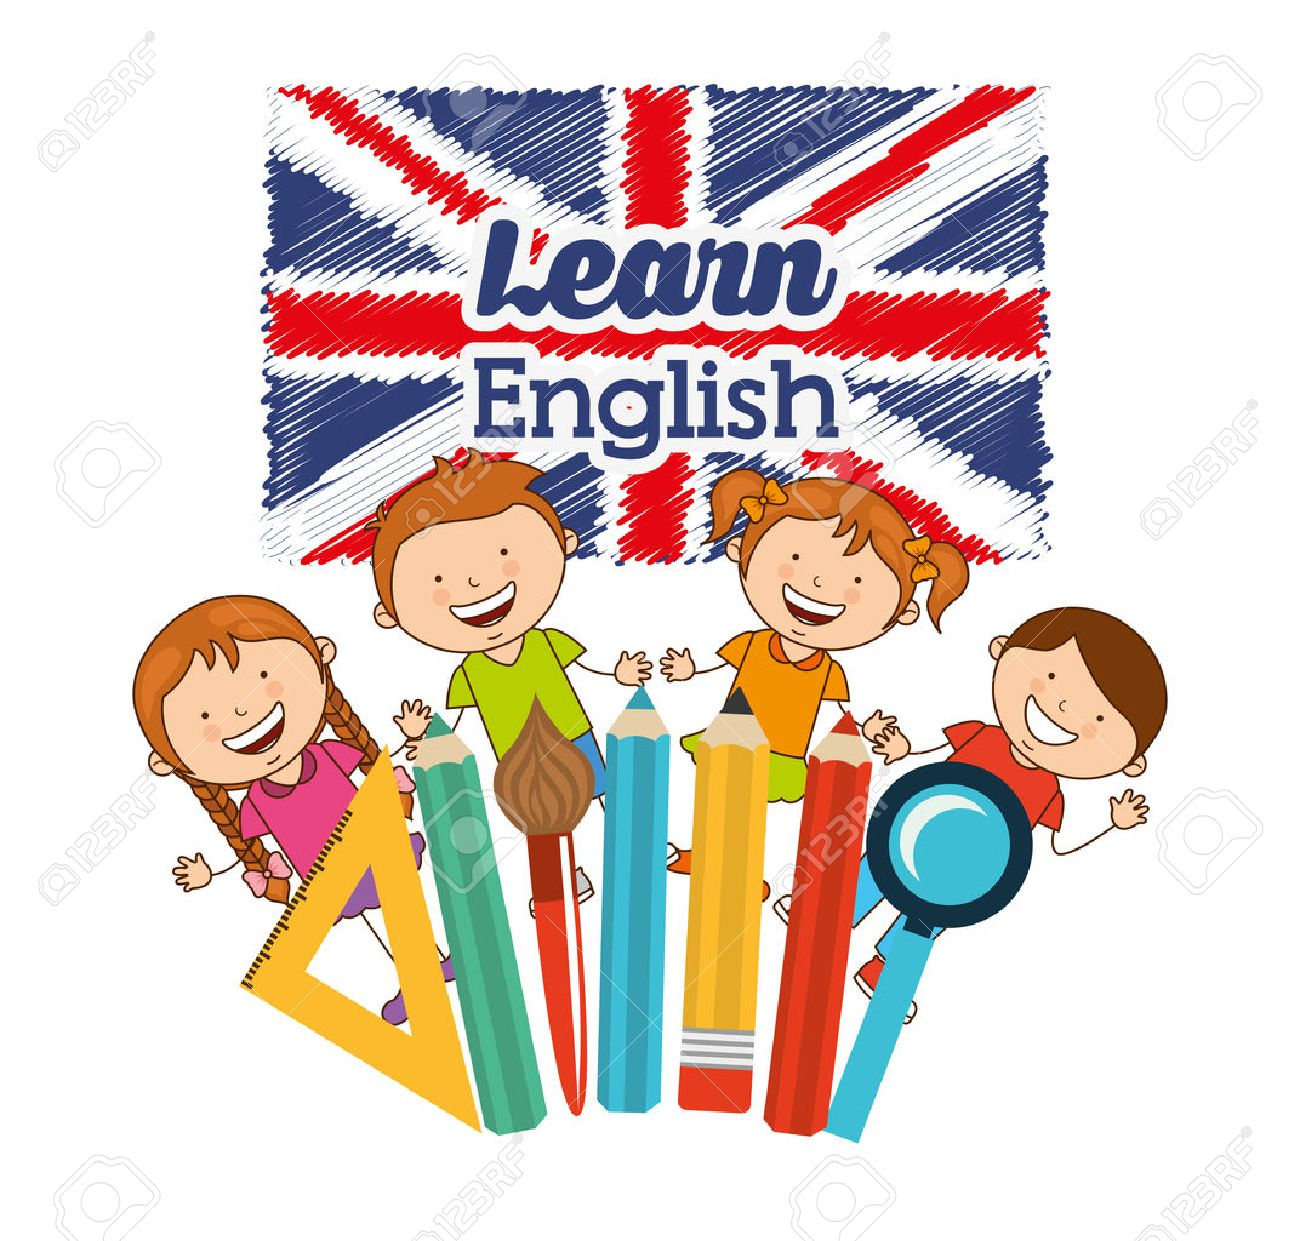 بهترین زمان برای یادگیری زبان در کودکان